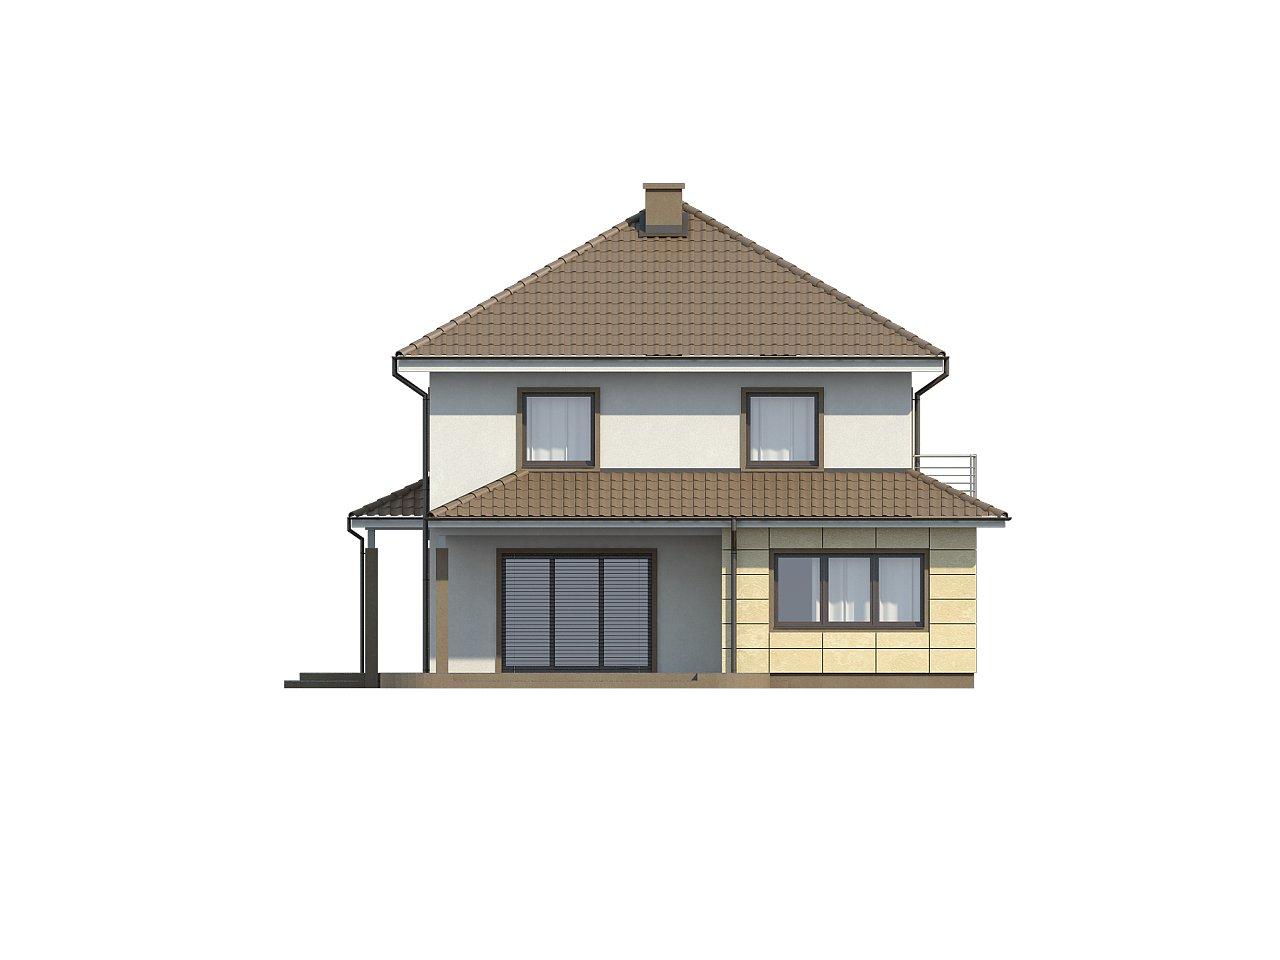 Просторный и функциональный двухэтажный дом с многоскатной кровлей и гаражом. - фото 5